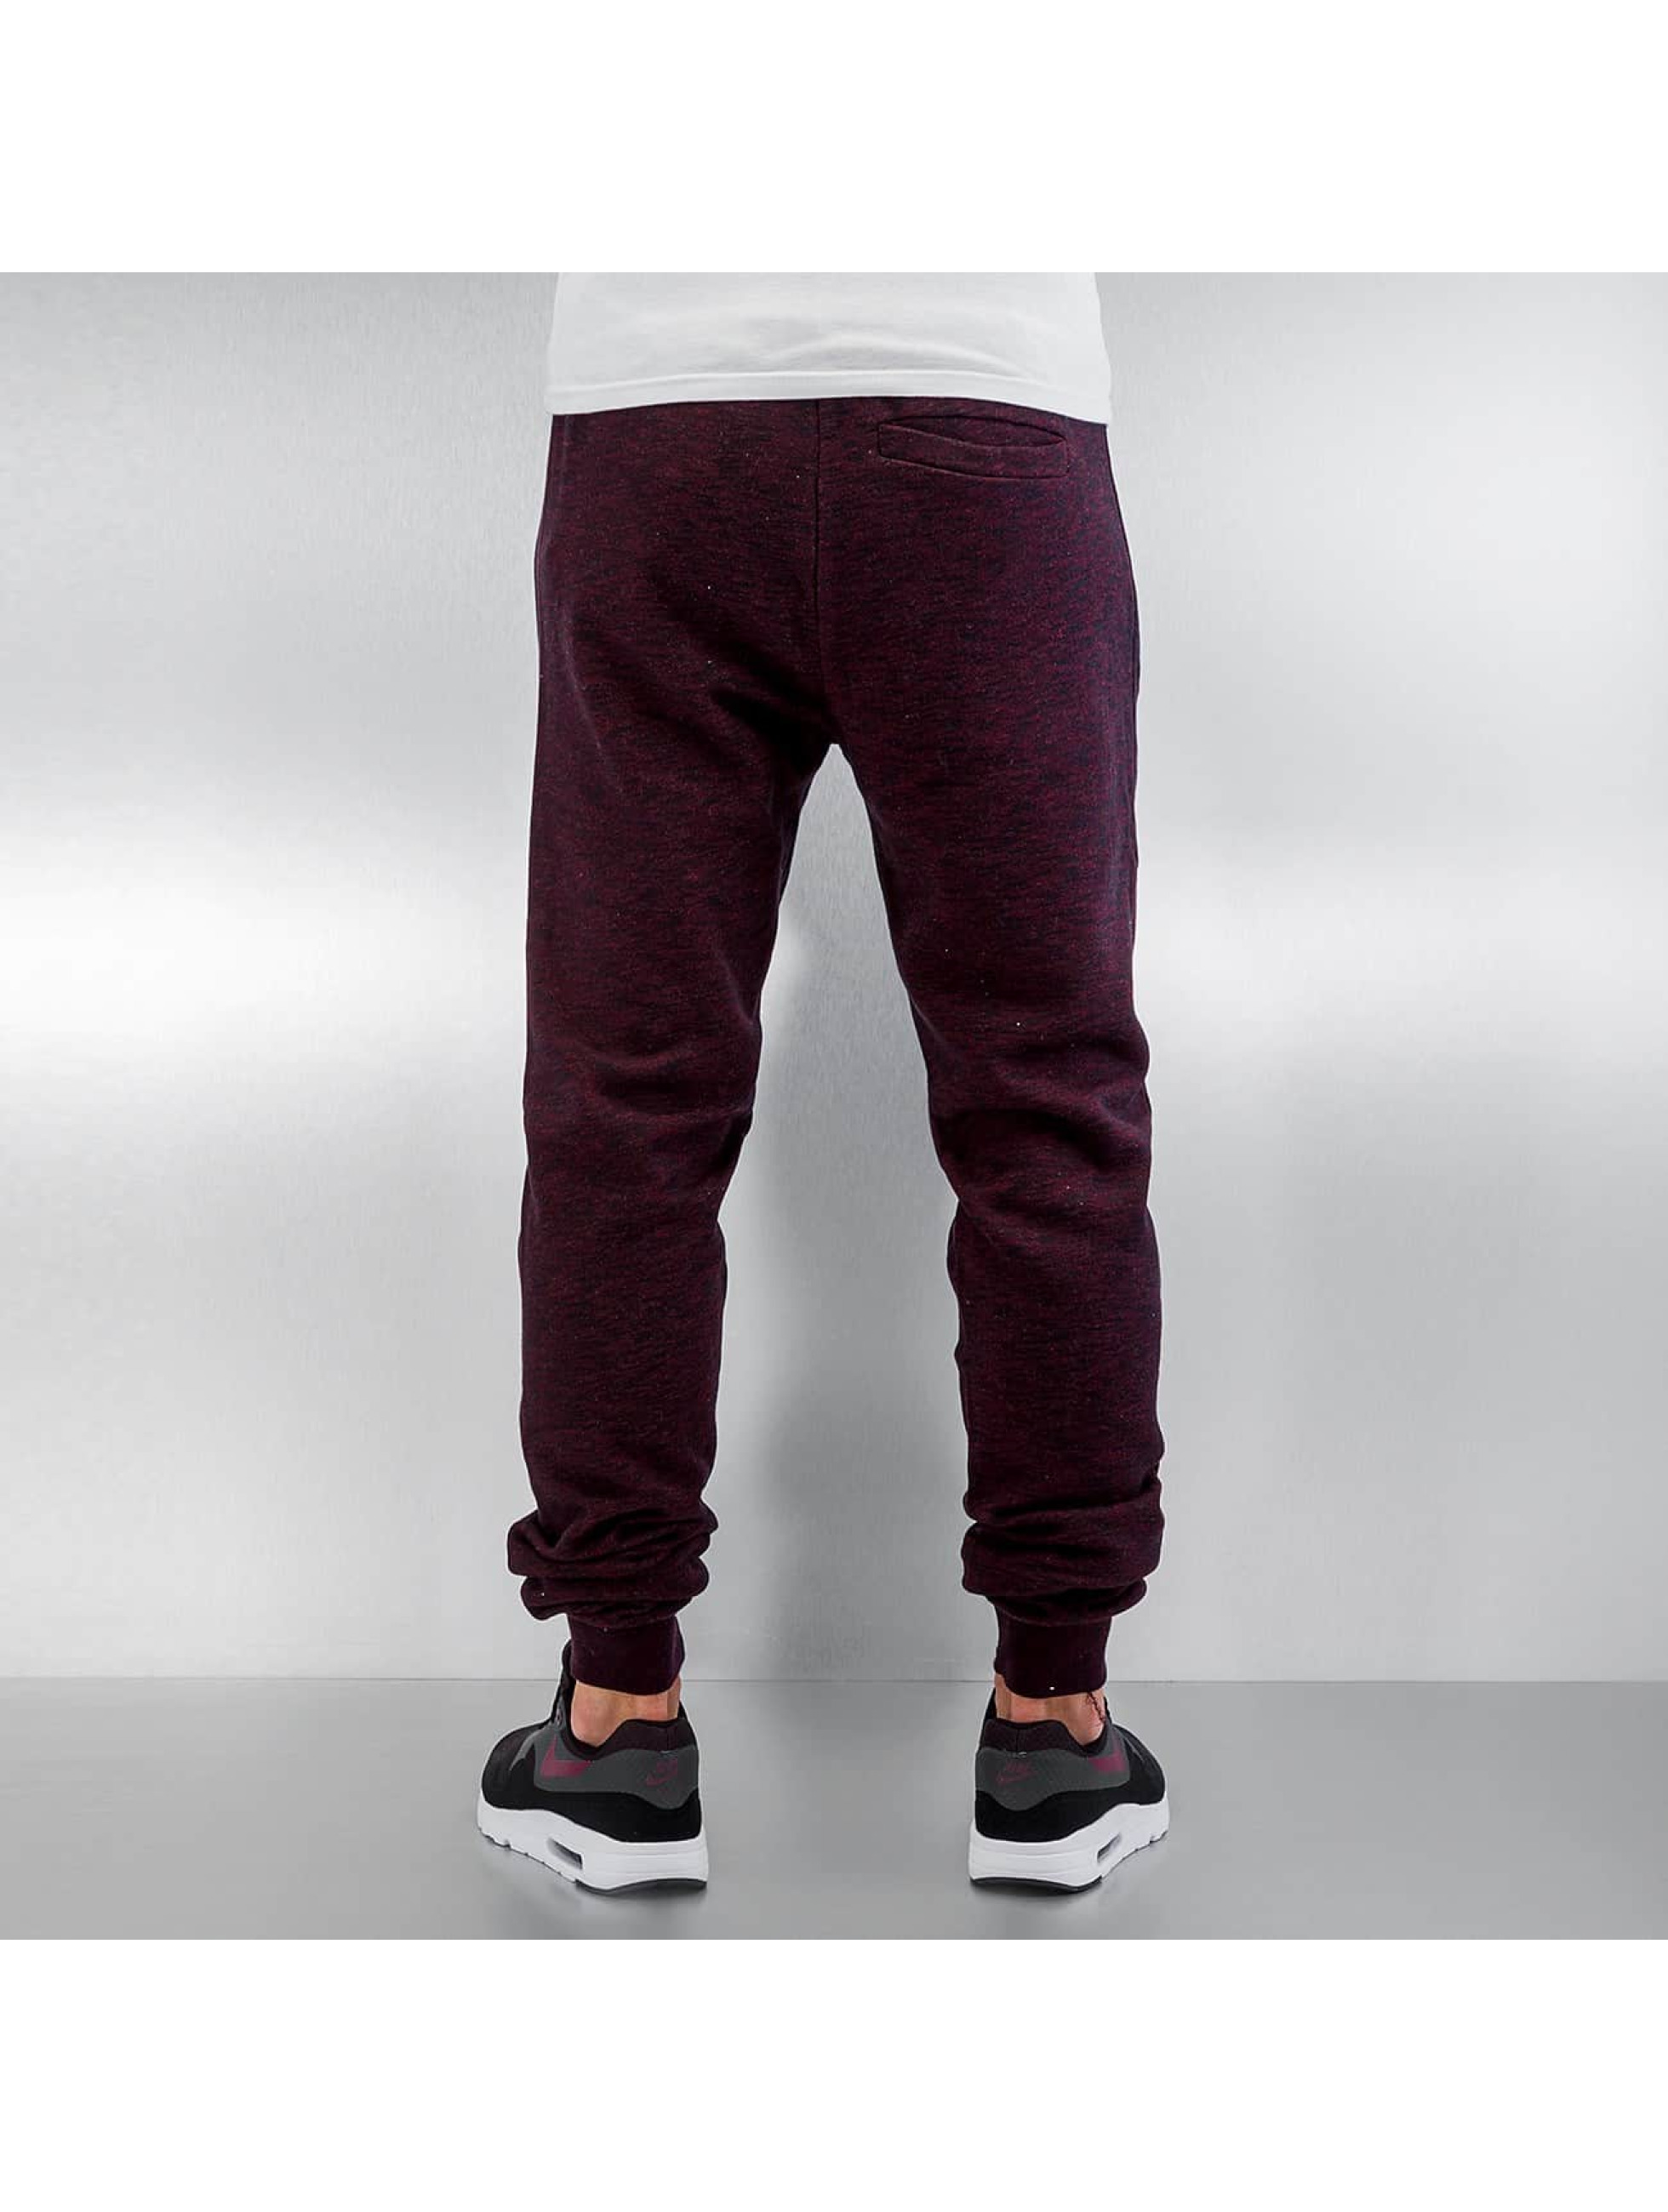 Pelle Pelle Spodnie do joggingu Not Your Average czerwony